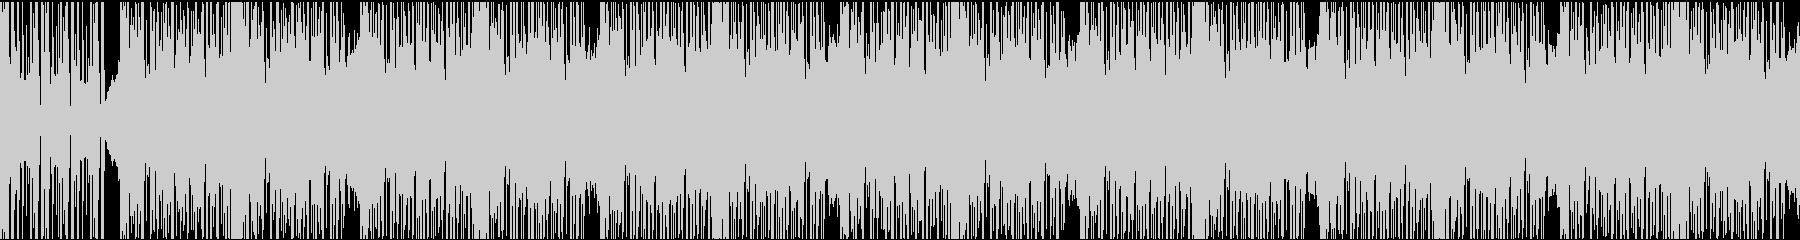 12秒でサビ、ダークエレクトロ/ループの未再生の波形